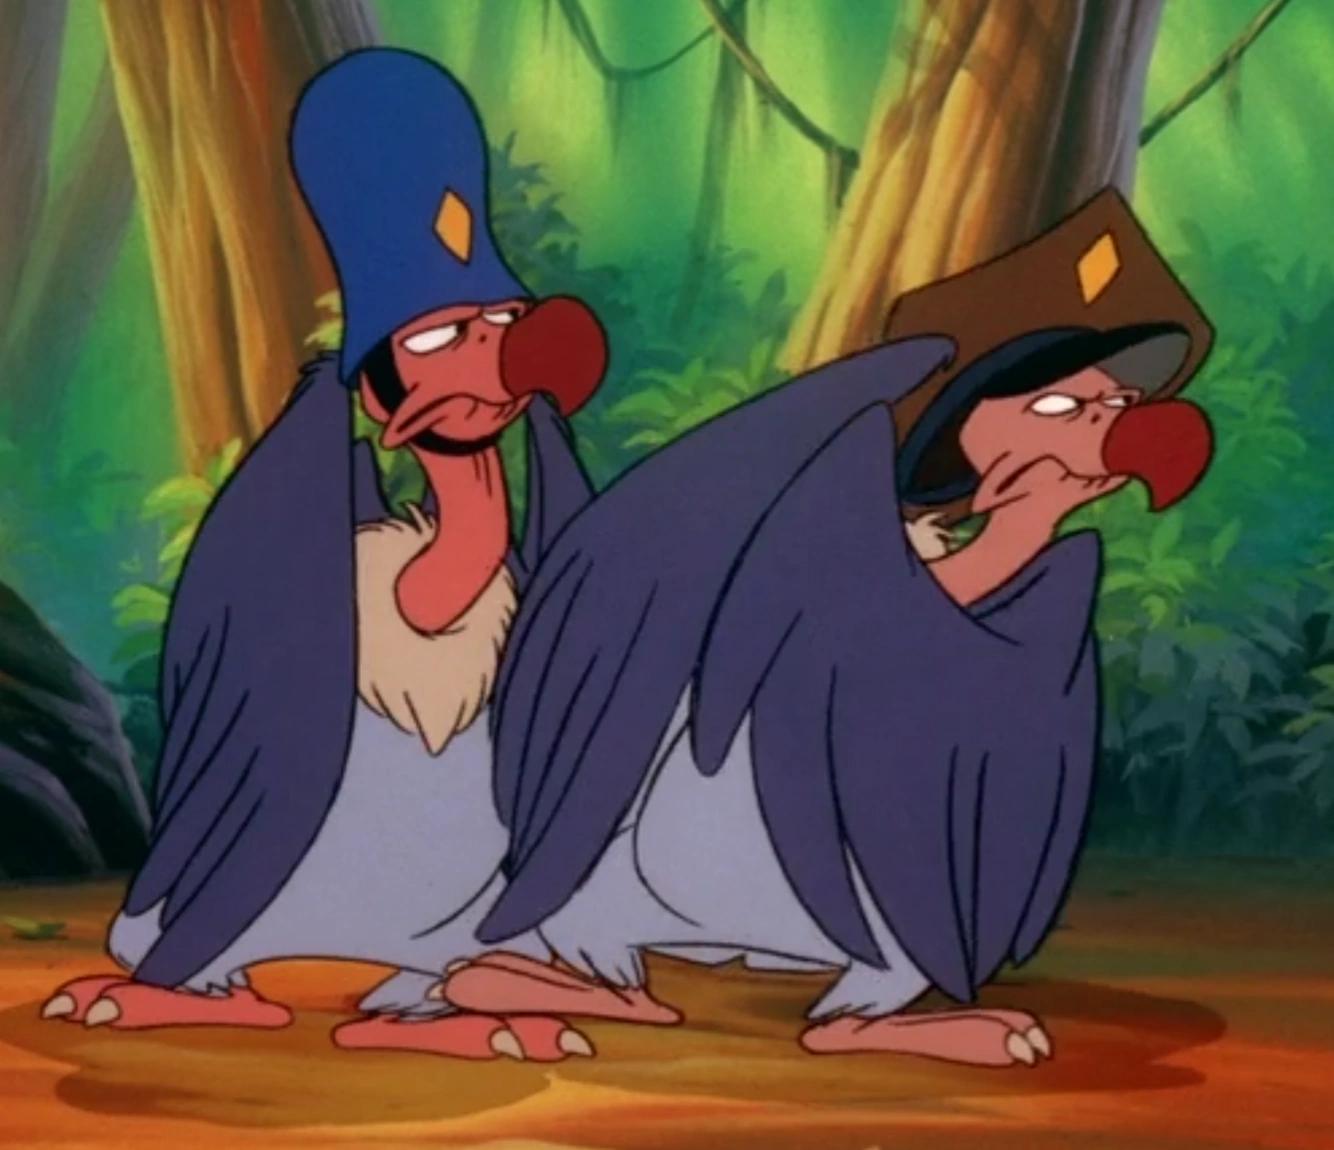 File:Timon&Pumbaa VulturePolice.png